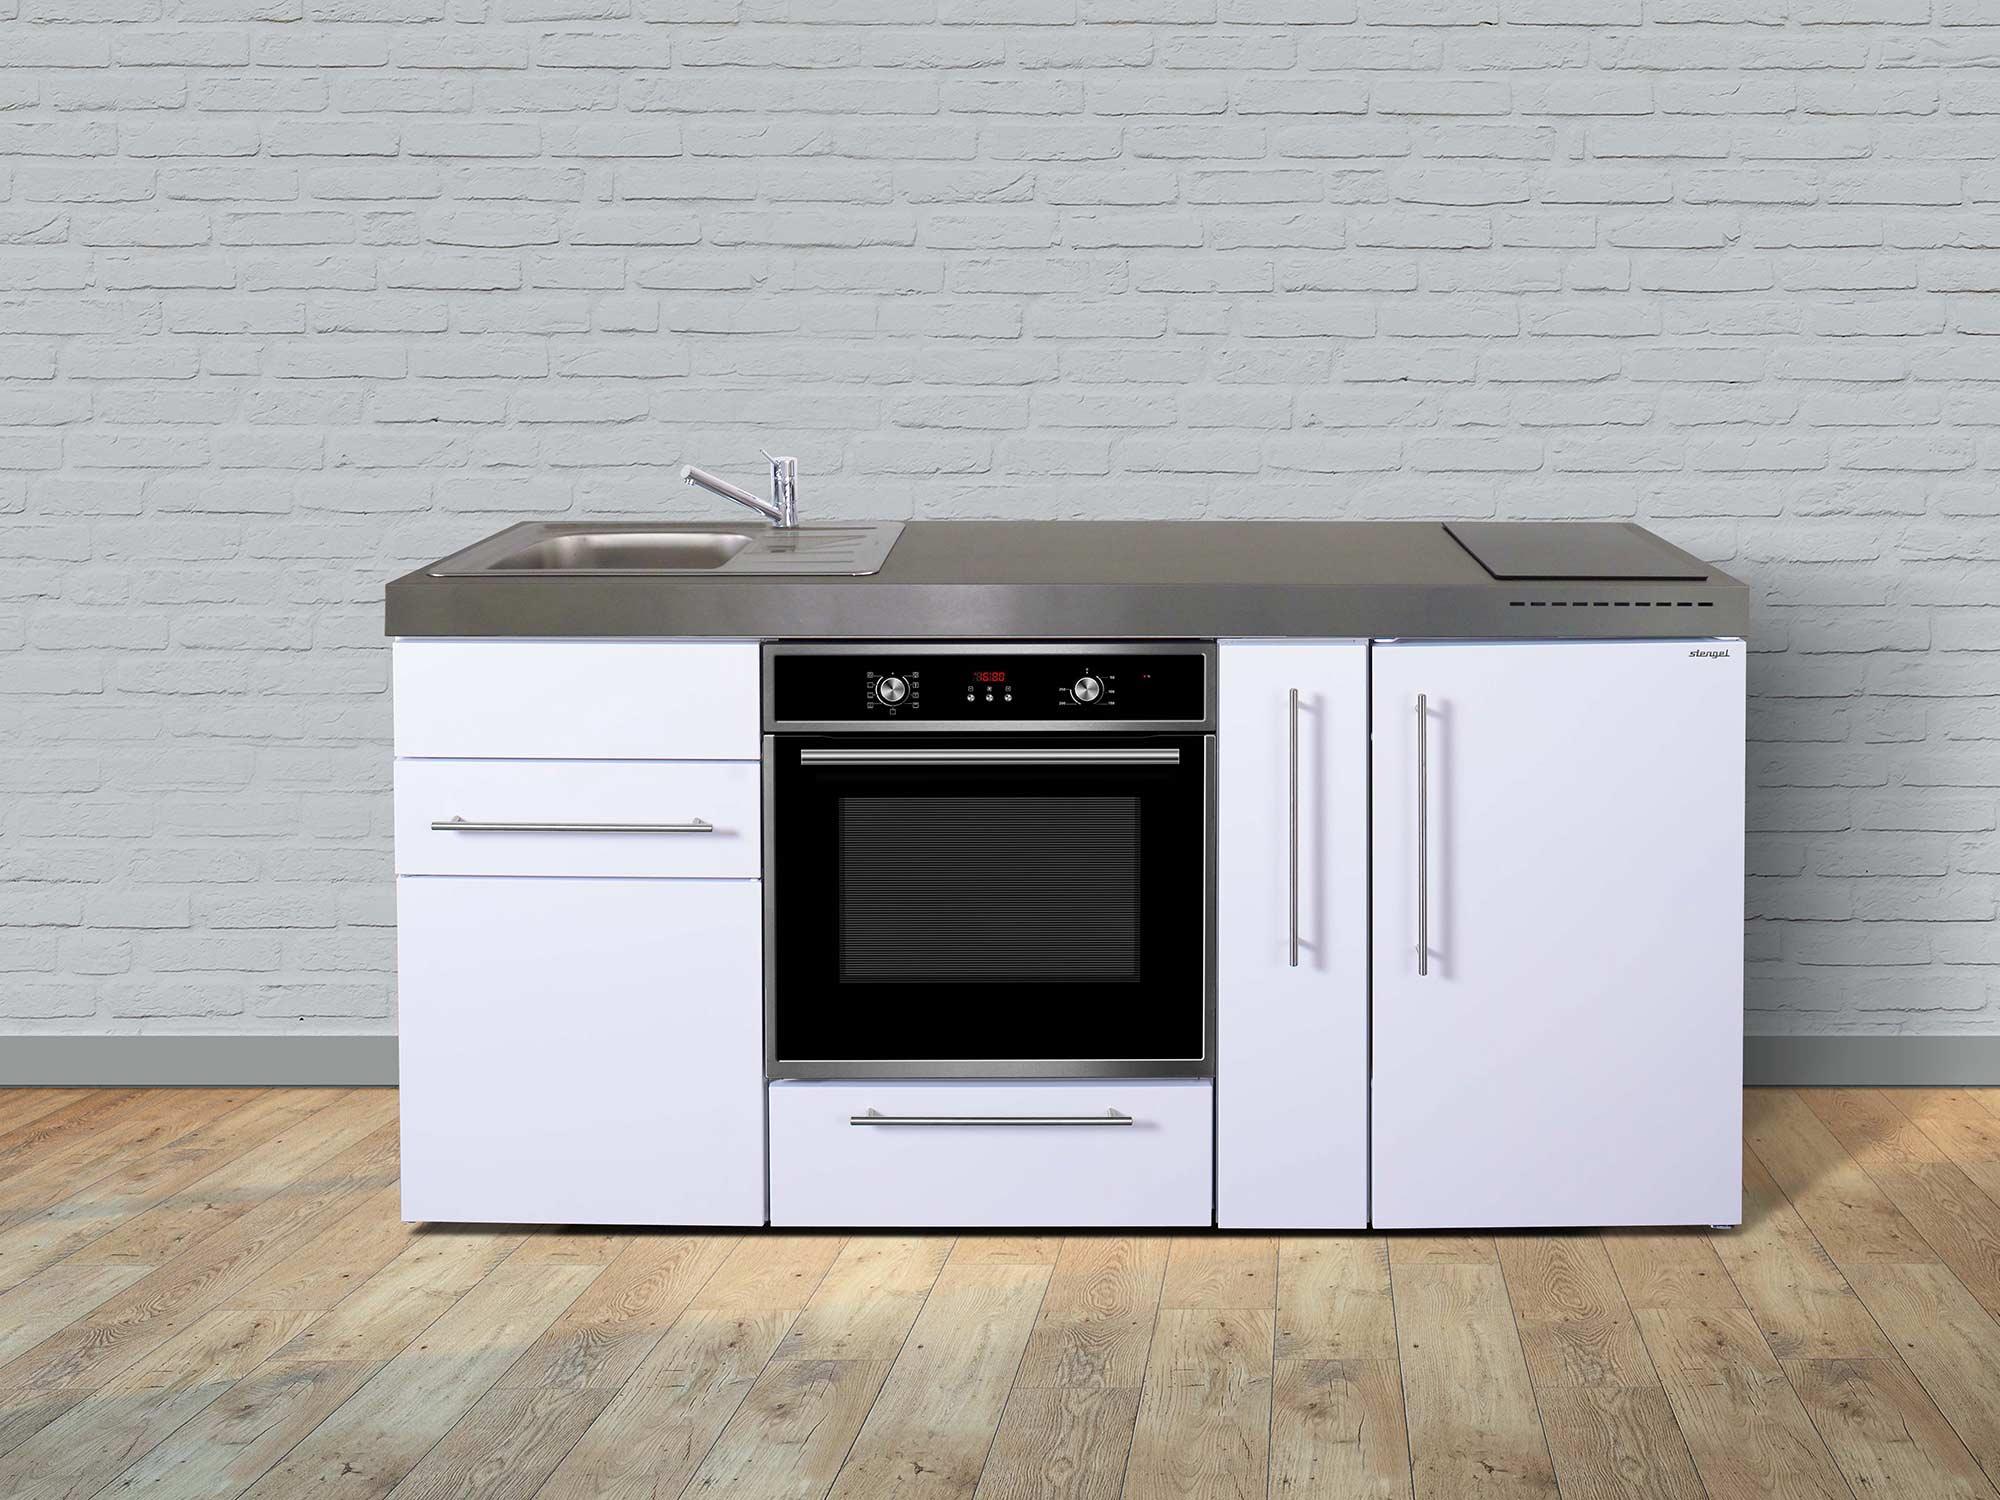 Full Size of Miniküchen Stengel Minikche Mpb 180 A Mit Backofen Und Apothekerschrank Wohnzimmer Miniküchen